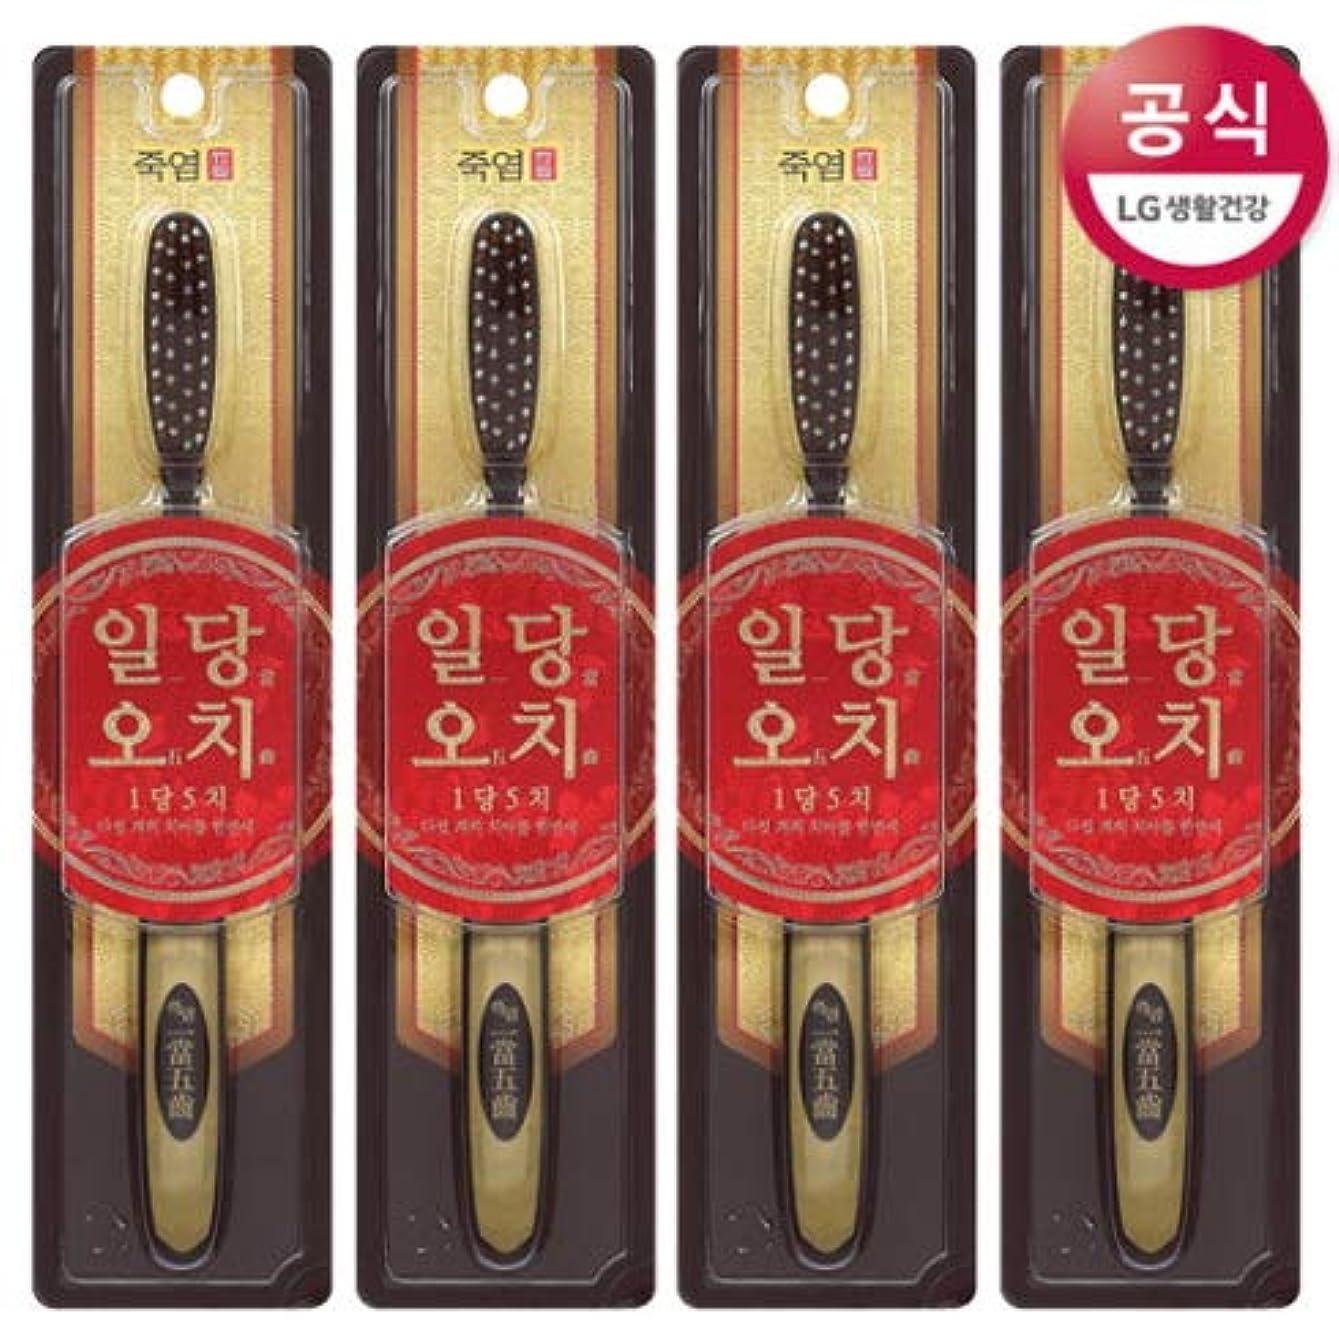 天吸収する同等の[LG HnB] Bamboo Salt Oodi toothbrush/竹塩日当越智歯ブラシ 5つの(海外直送品)